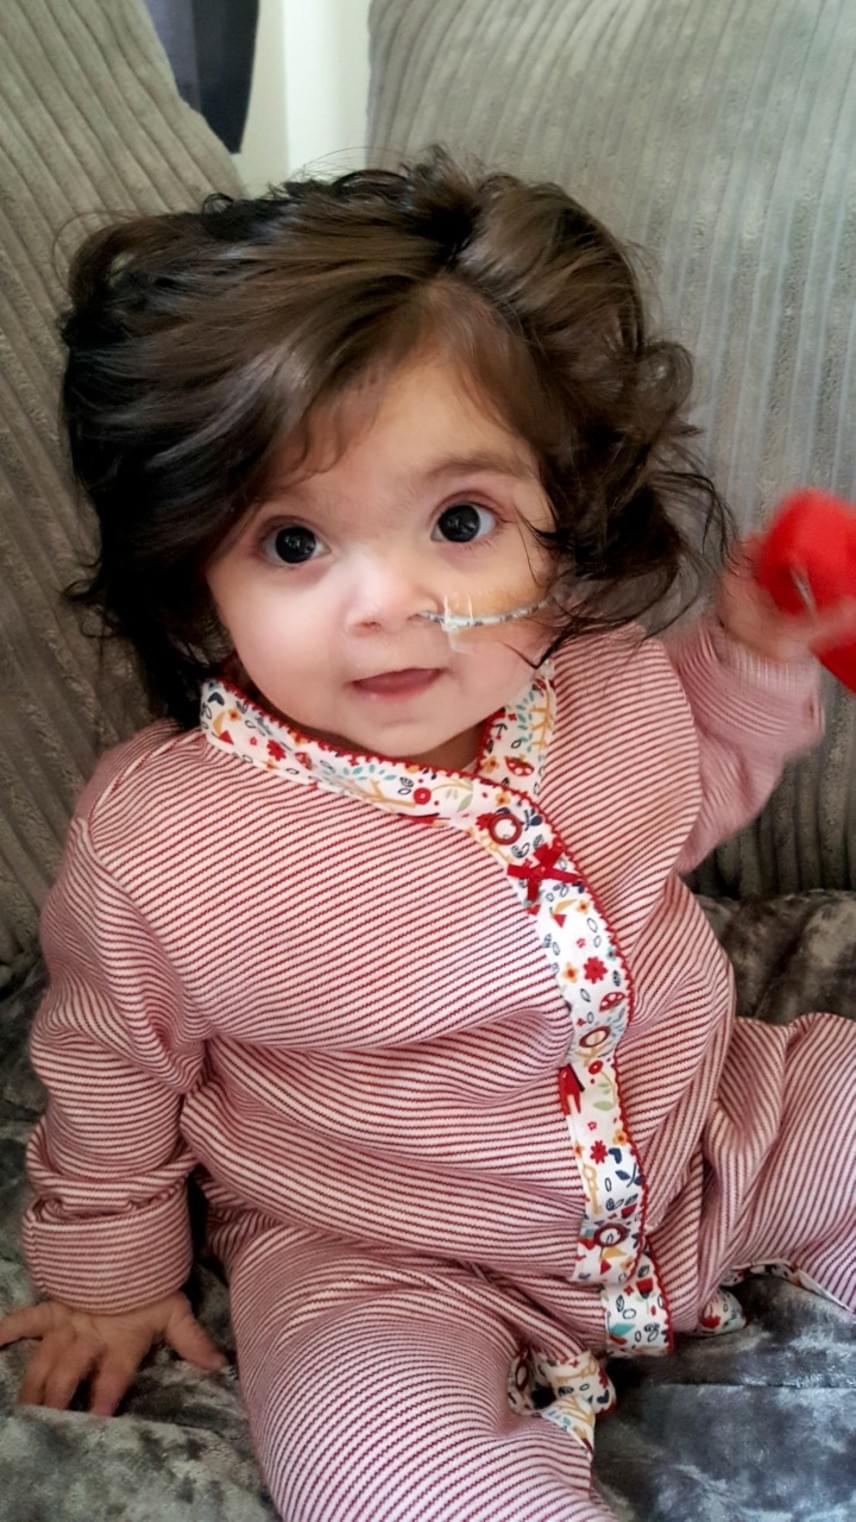 Hirtelen ránézésre Bellát sokszor vélik játék babának, de nemcsak apró mérete és nagy haja miatt, hanem azért is, mert rendkívül nyugodt és csendes baba.